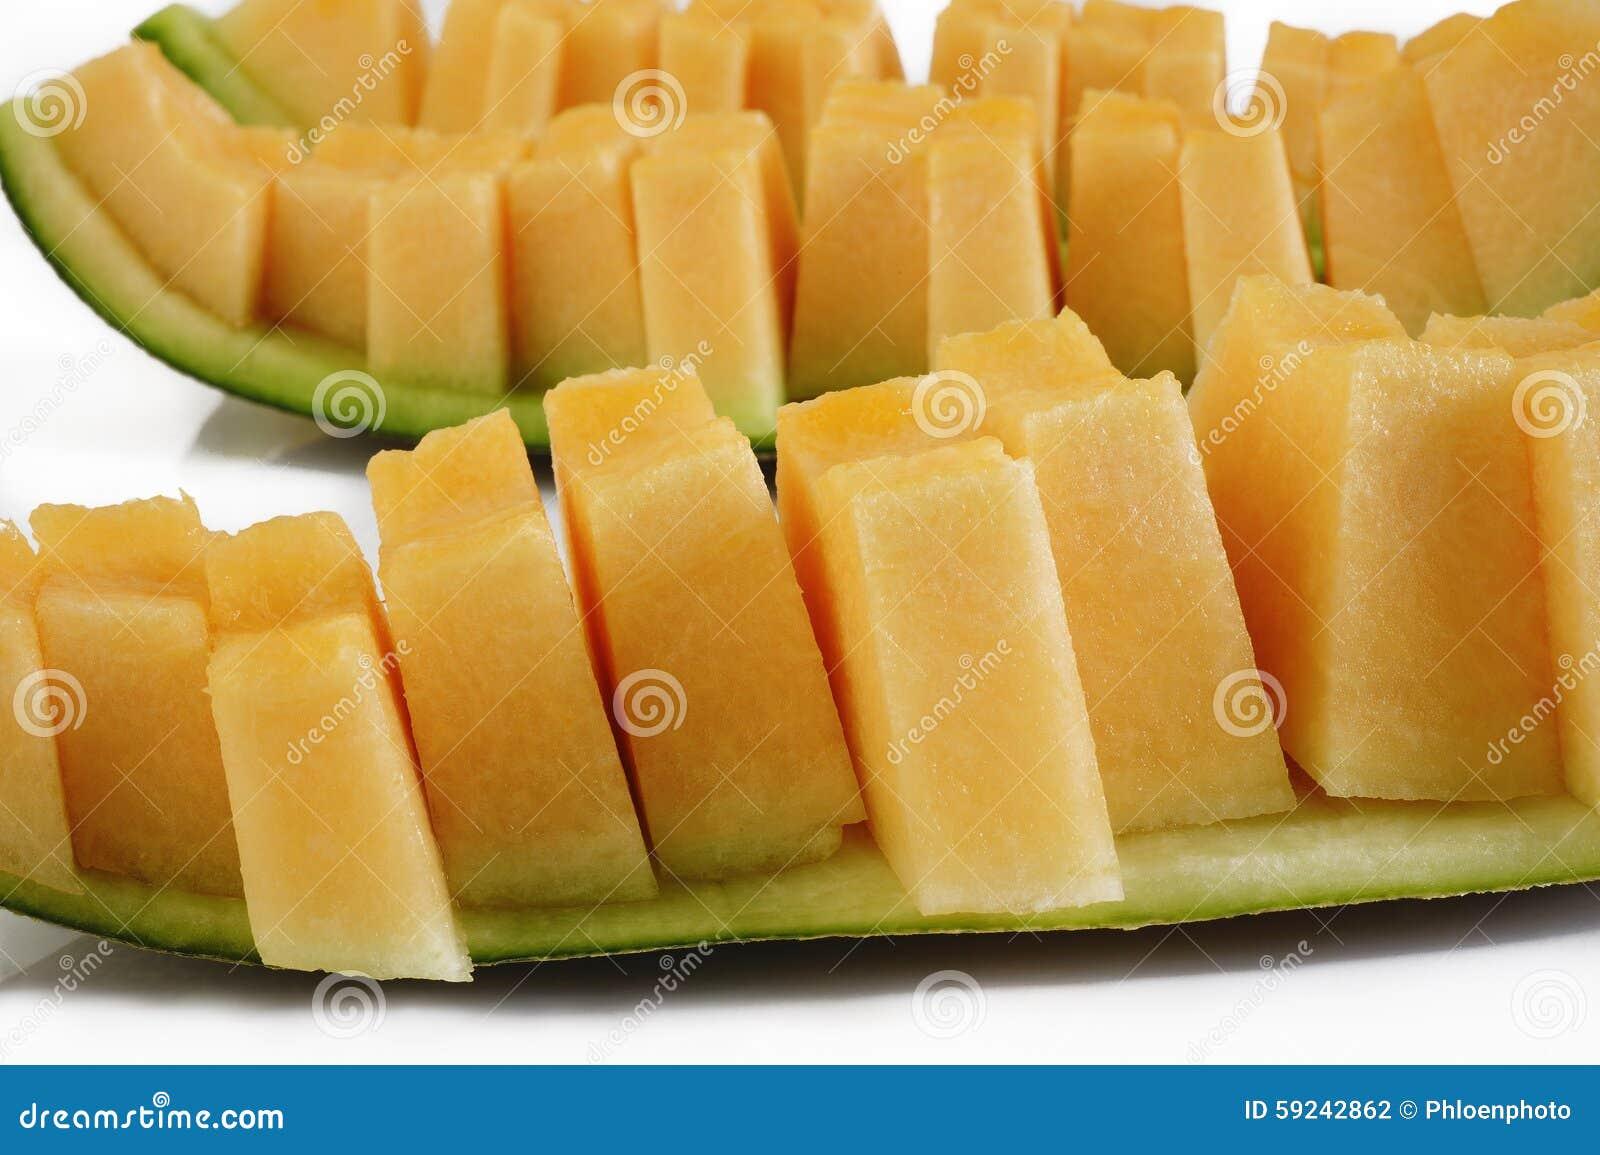 Rebanadas del melón